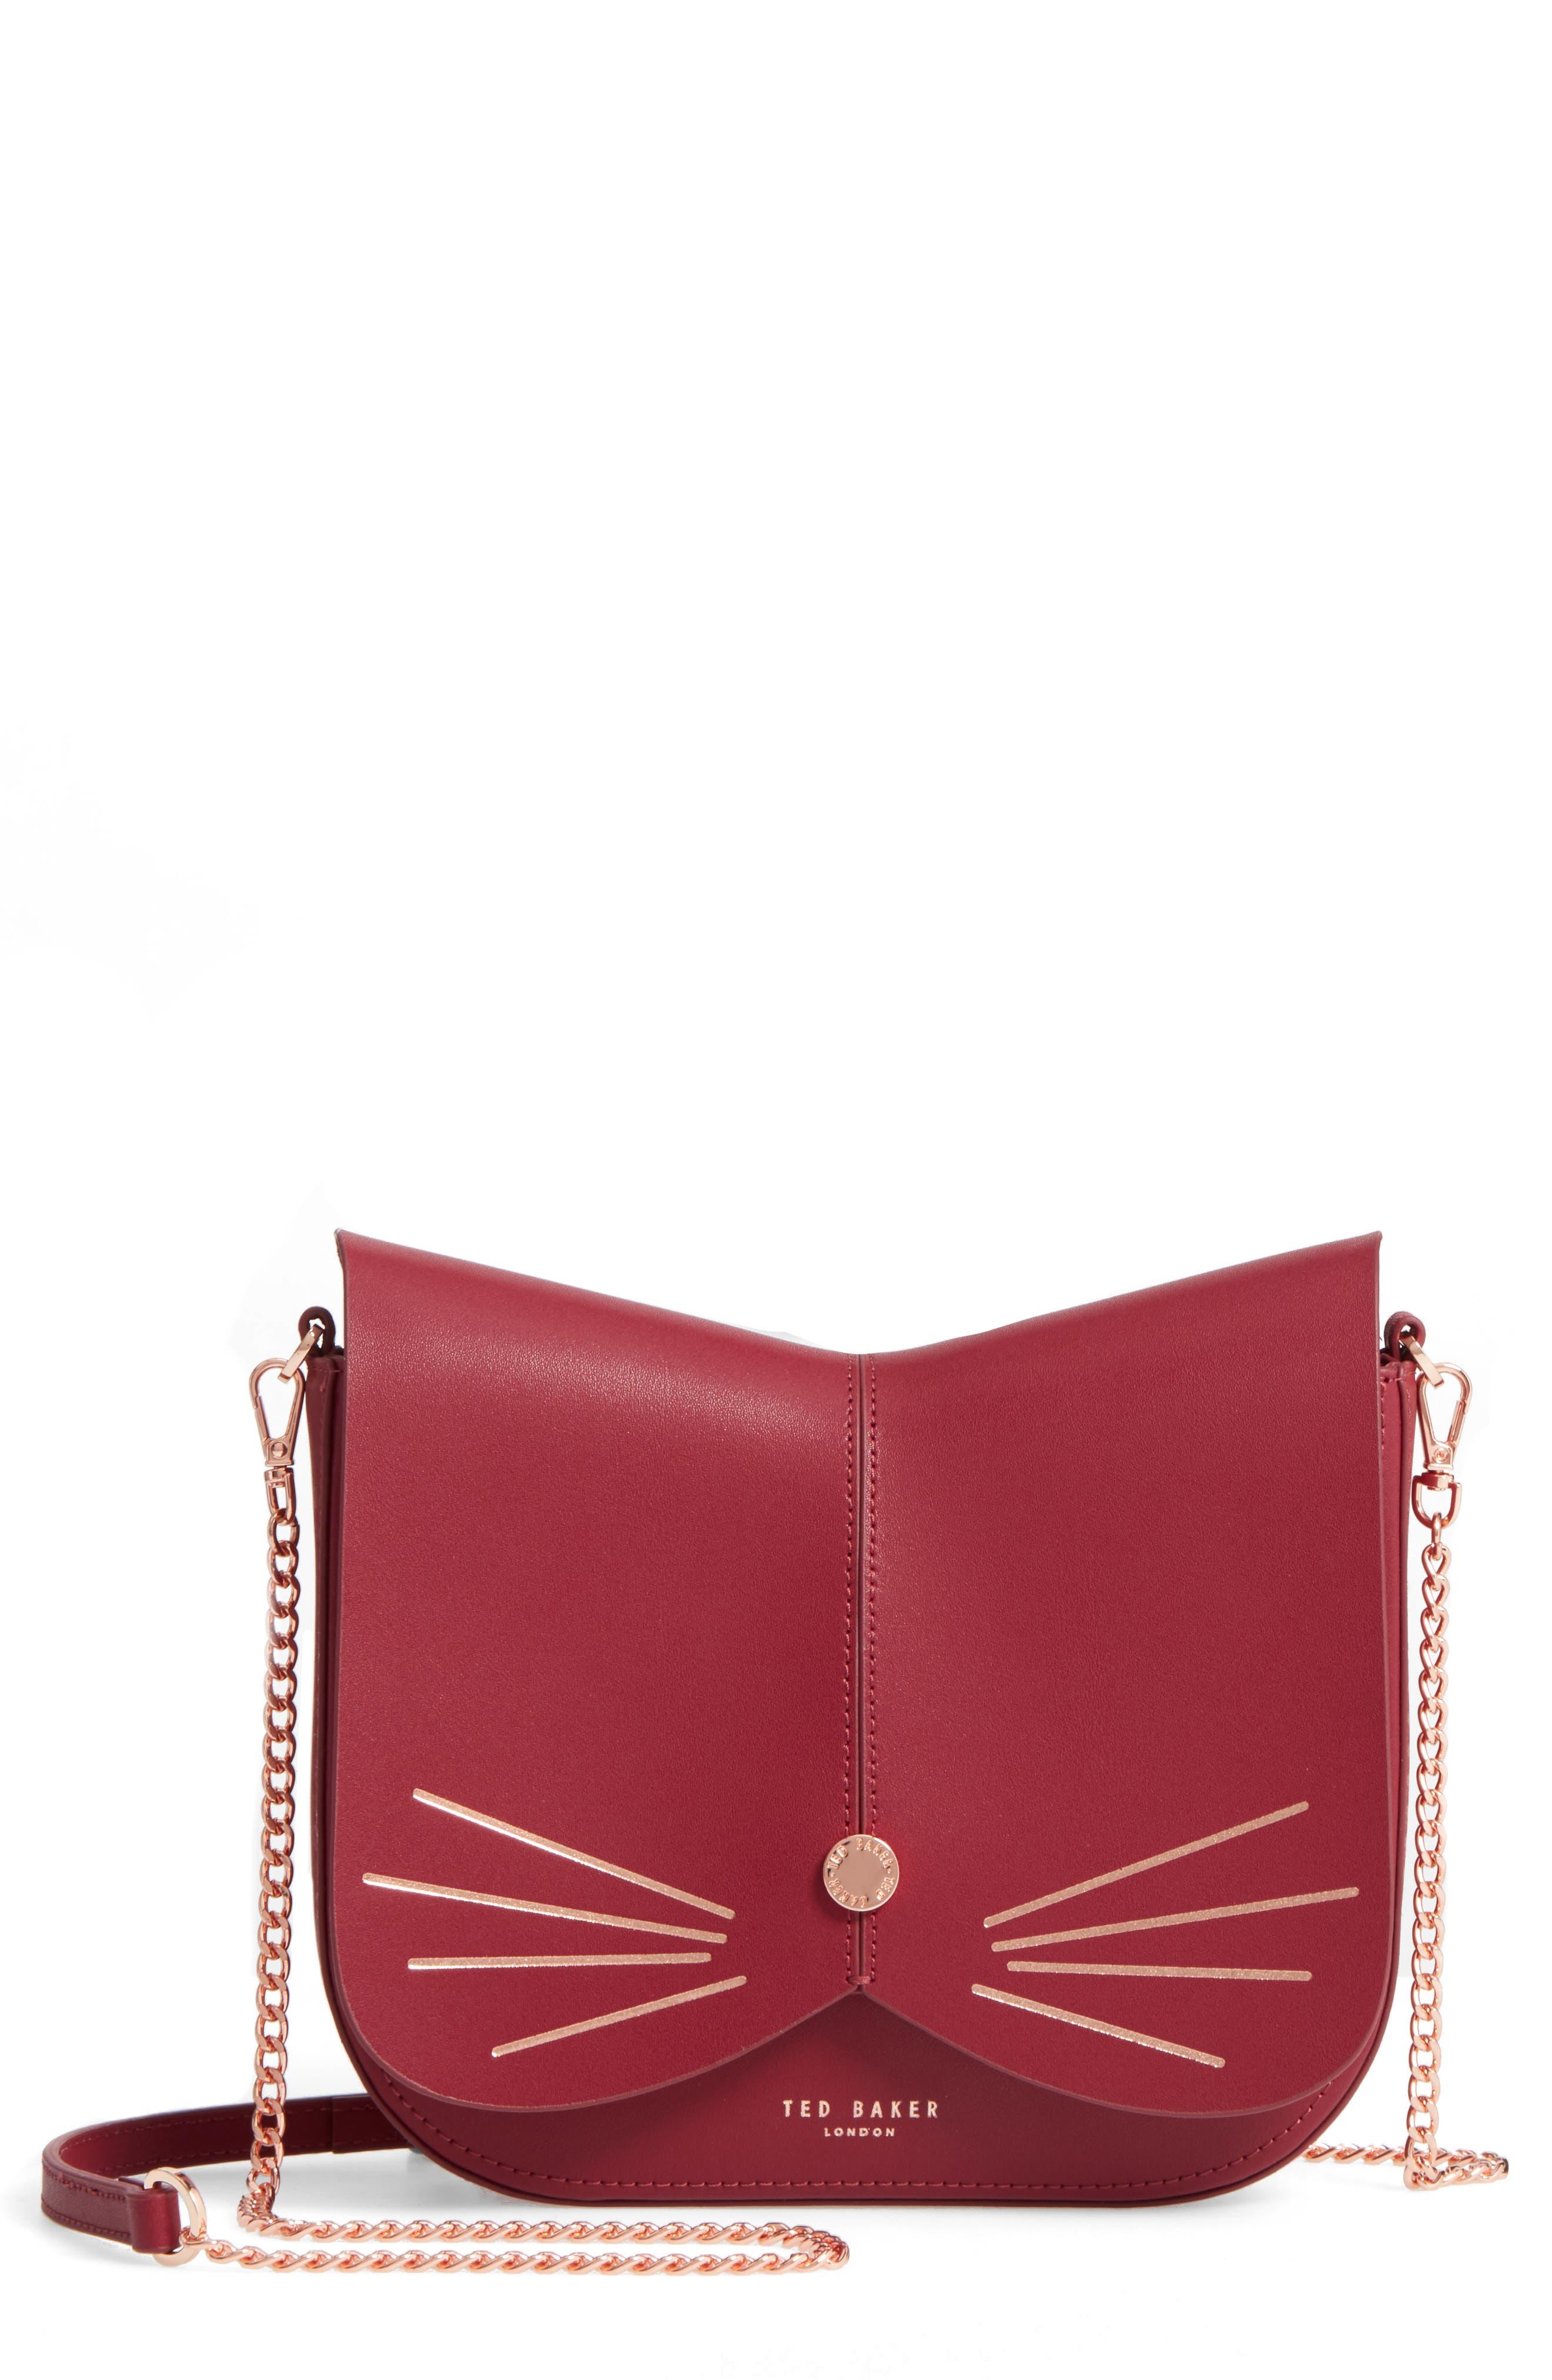 TED BAKER LONDON Kittii Cat Leather Crossbody Bag